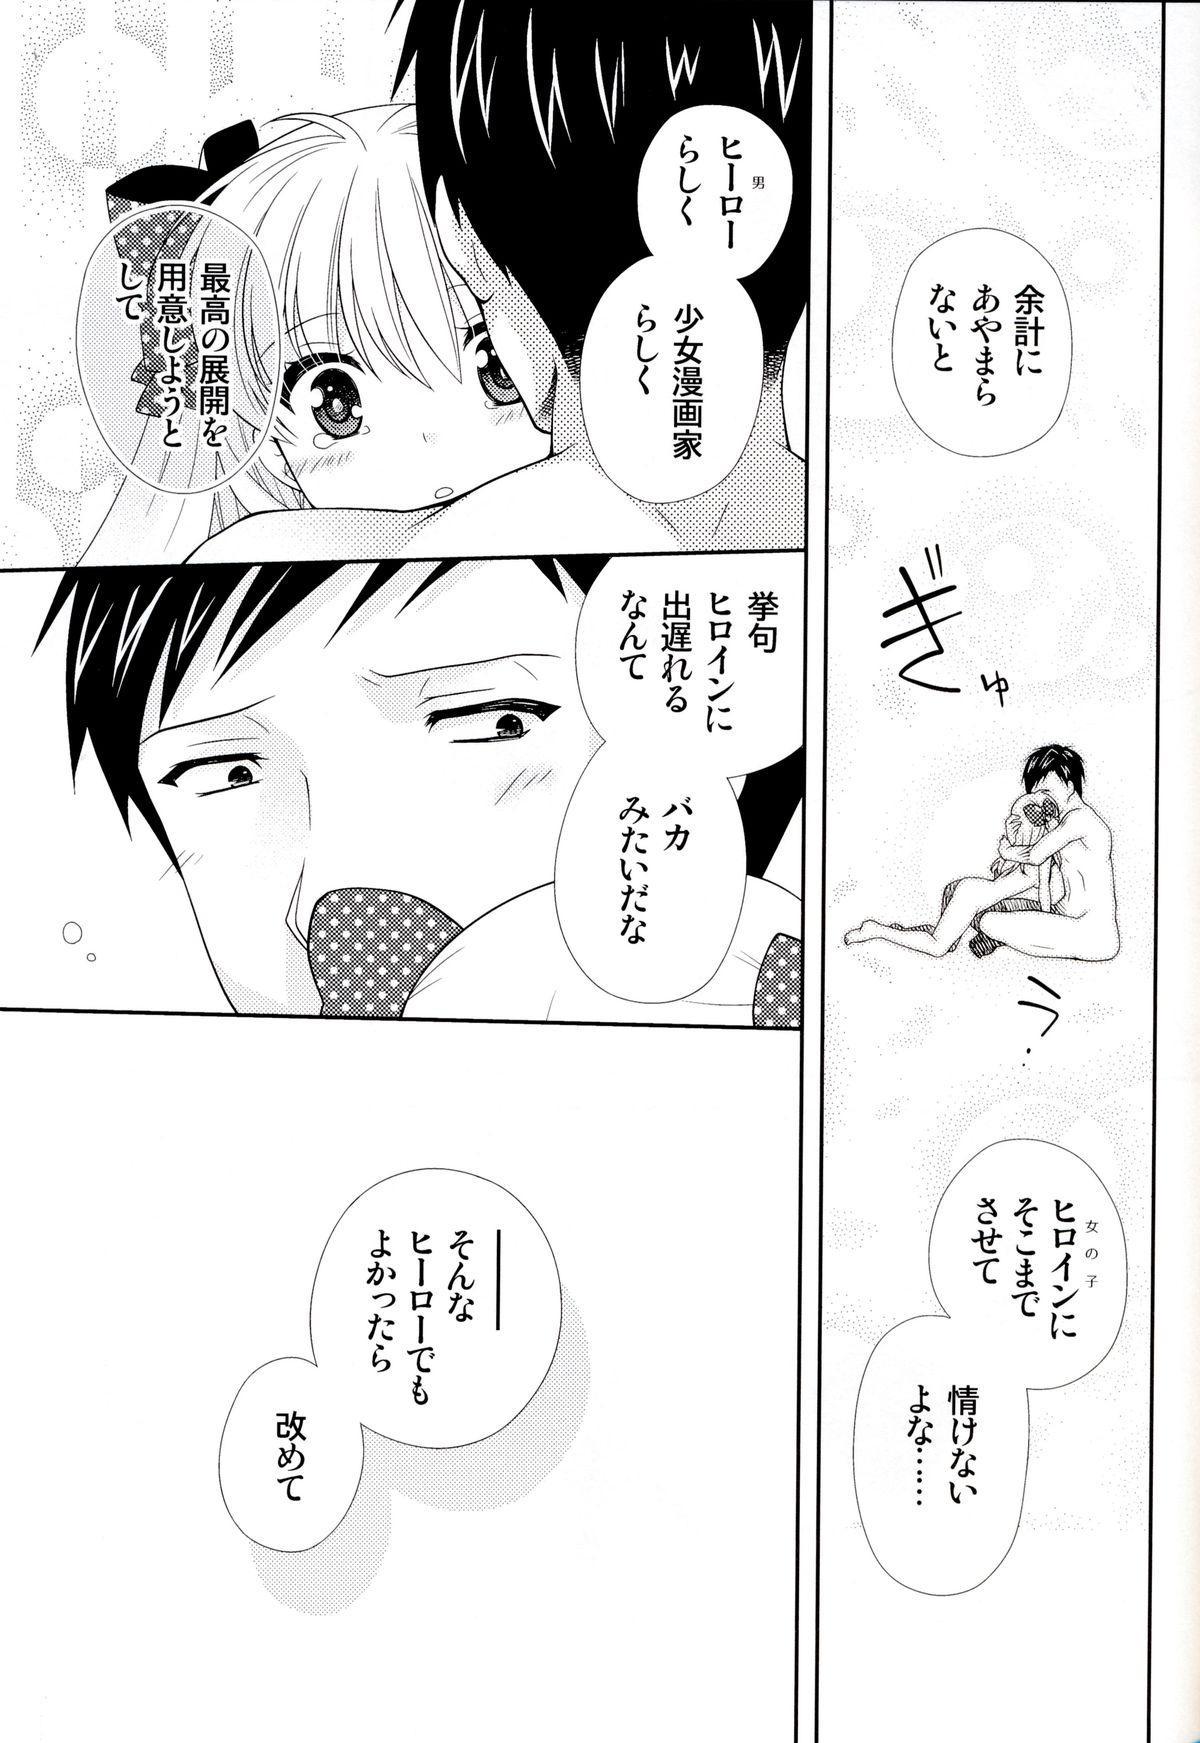 Nozaki-kun, Watashi ni Tetsudaeru koto, Aru? 22